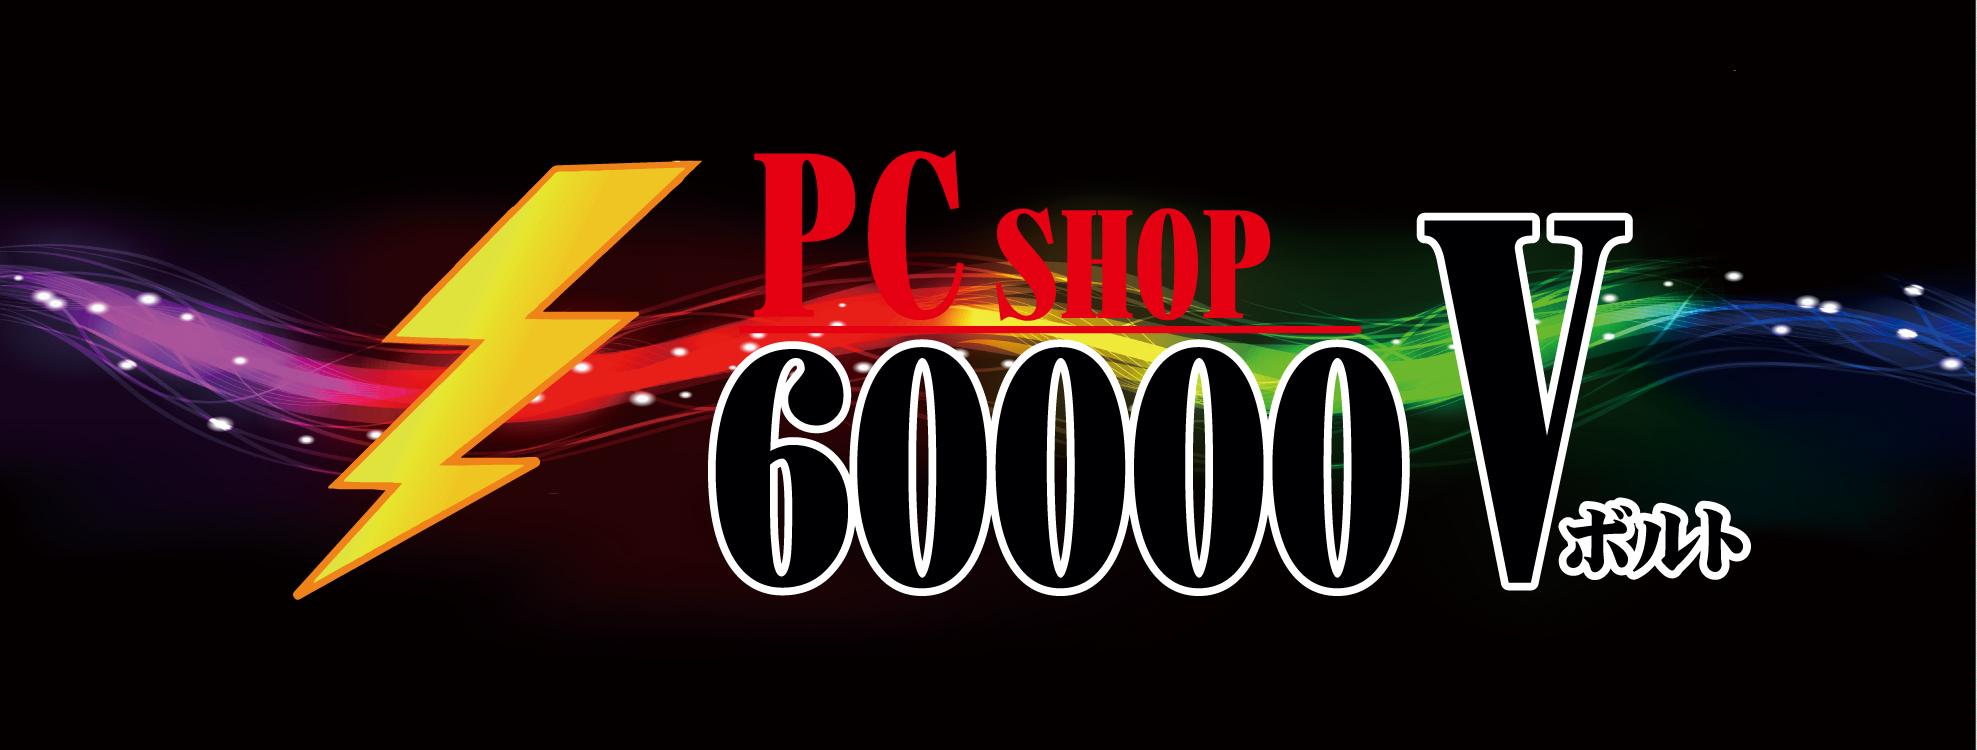 60000volt